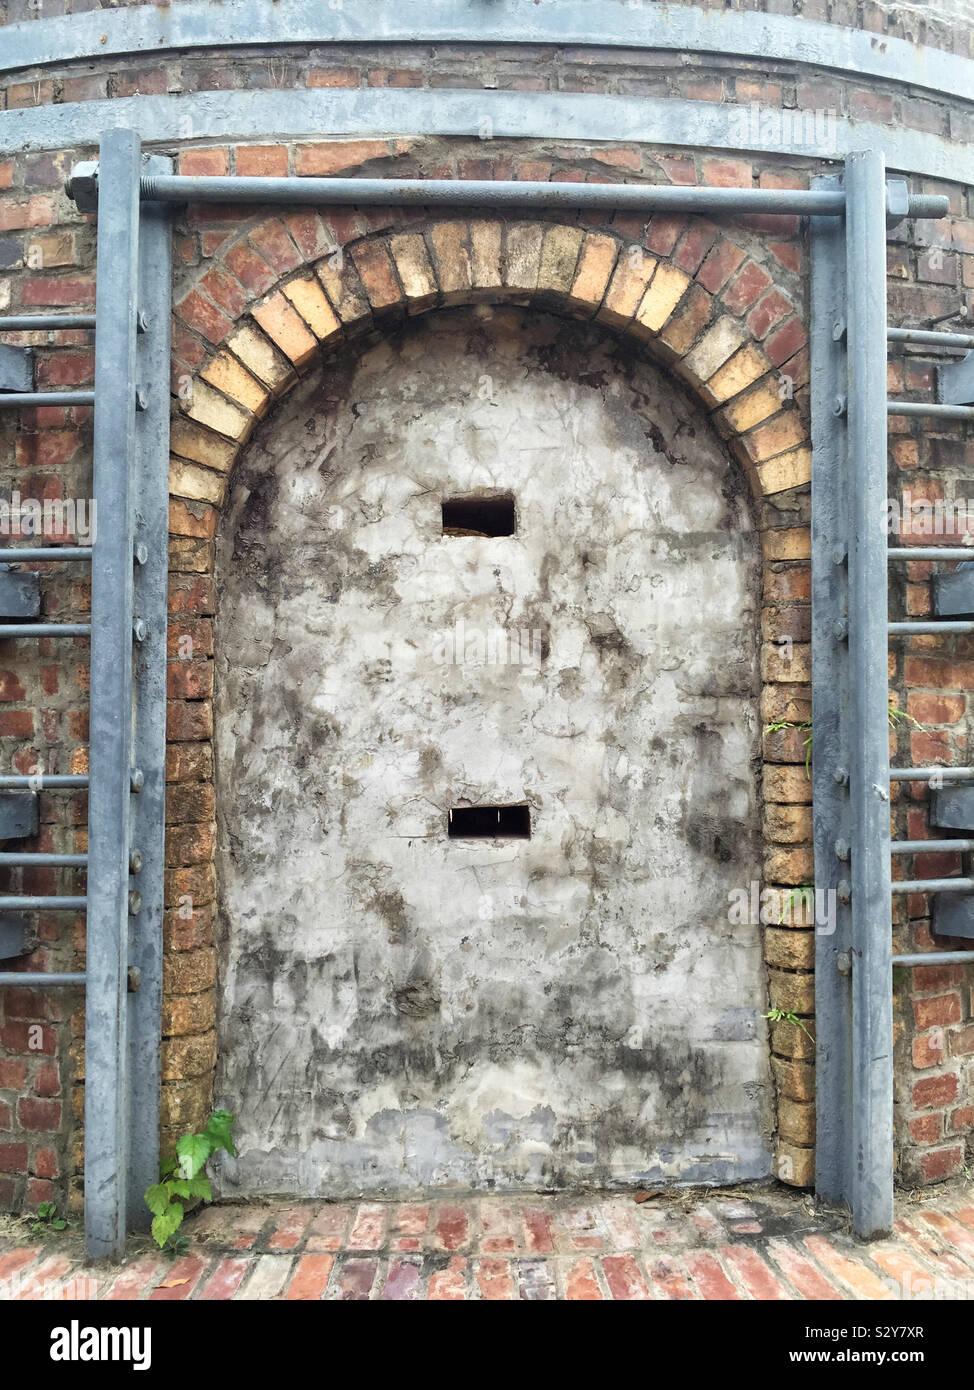 Un vecchio abbandonato edificio storico con una concreta porta. Esso ha due piccole aperture costruito in cemento. Foto Stock